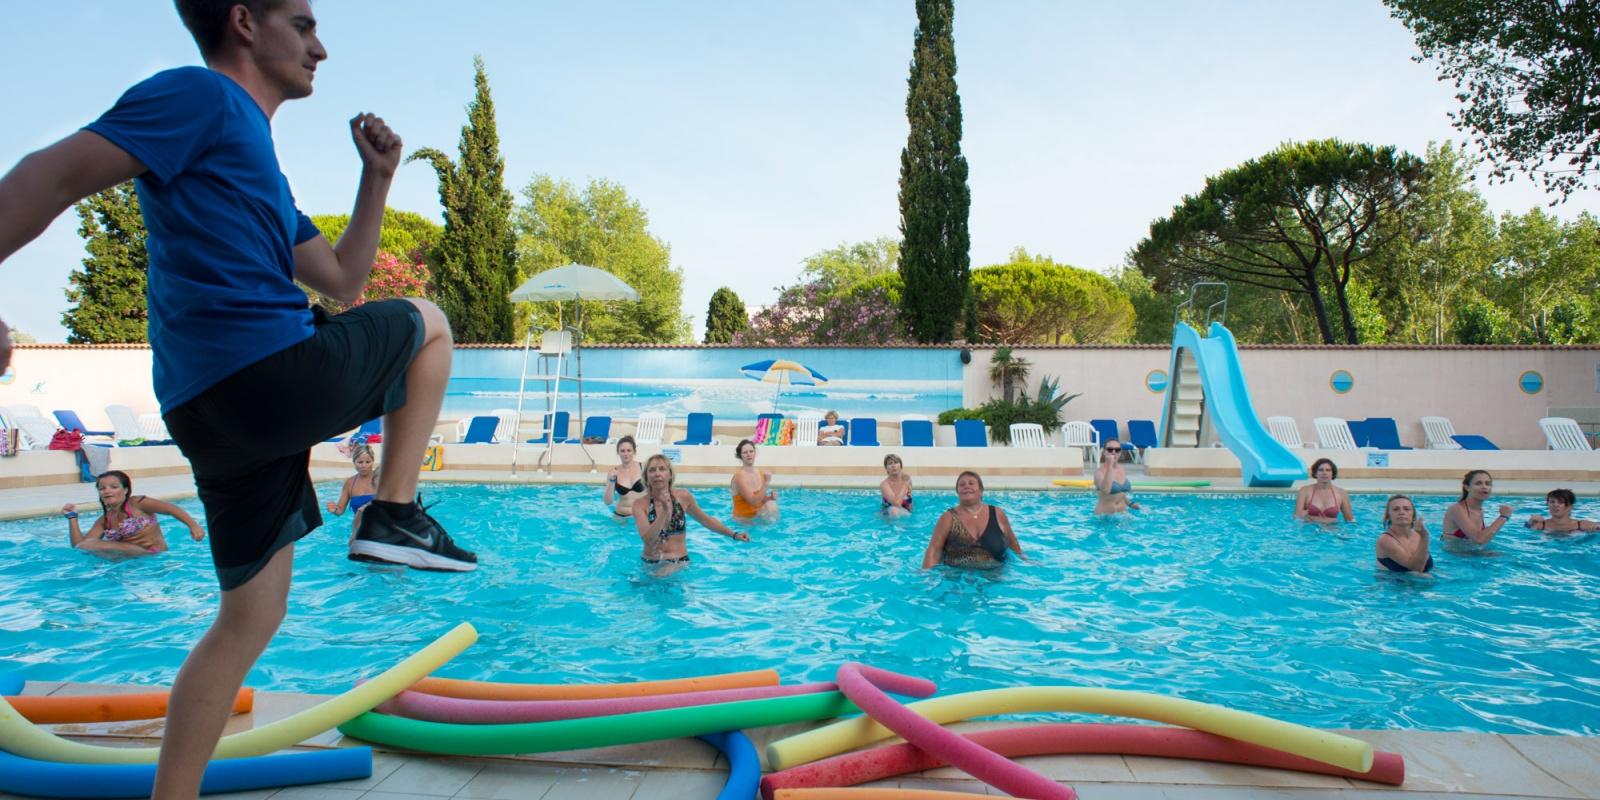 Piscine d 39 t piscine couverte camping au grau du roi for Piscine pailleron aquagym